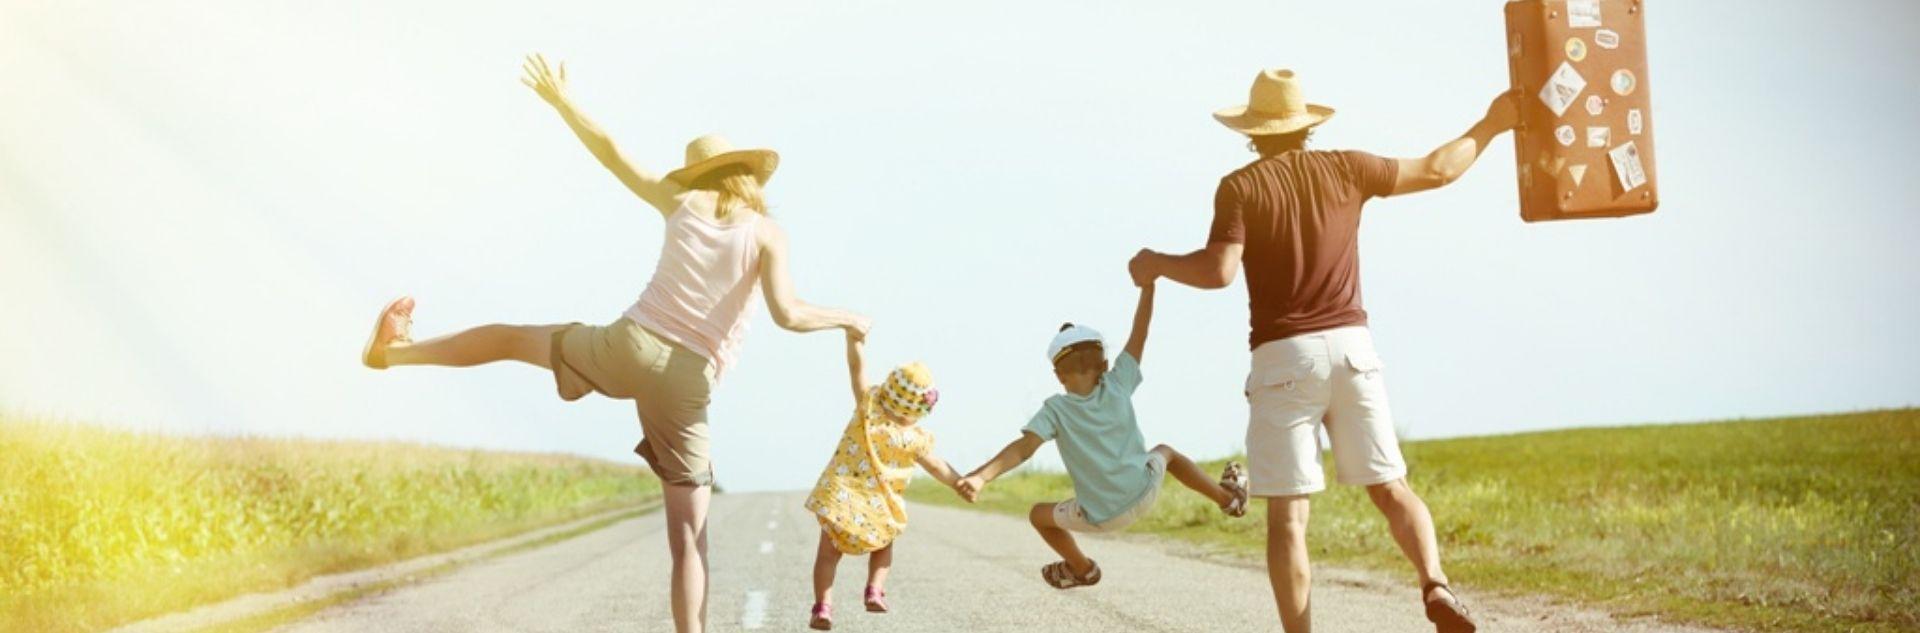 Mutter und Vater halten Kinder an der Hand auf Straße